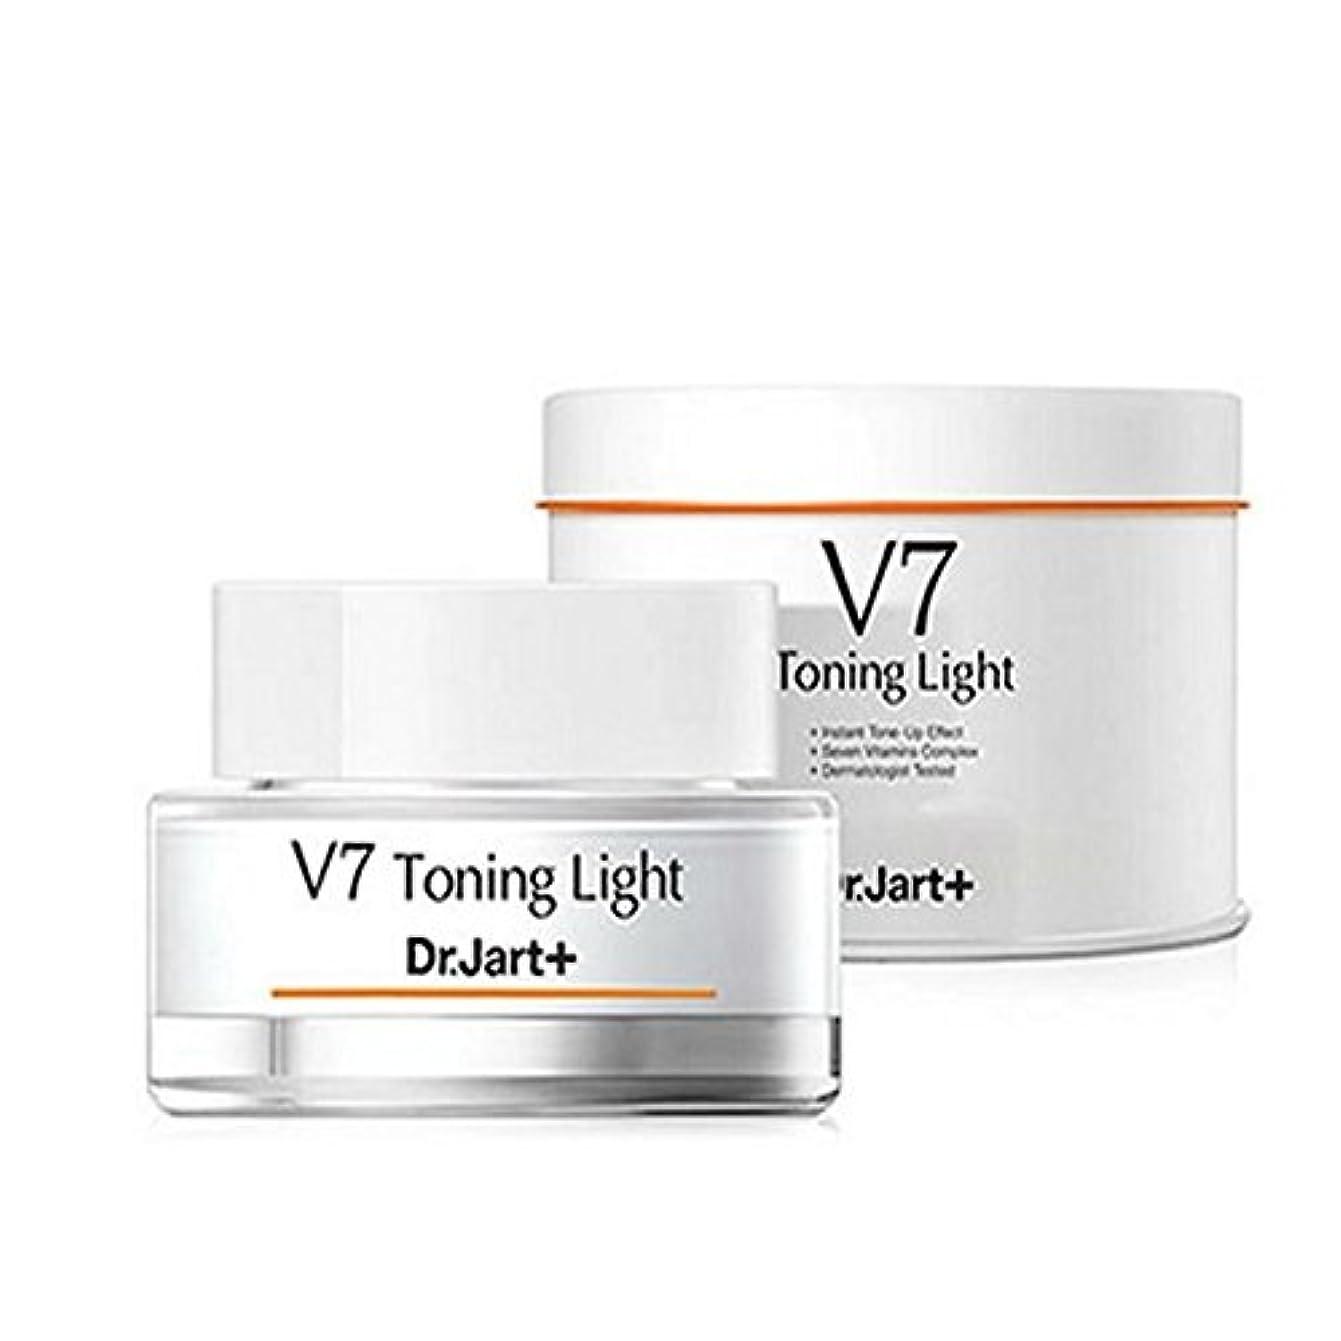 先入観ワーカークラシカルDr. Jart /ドクタージャルト V7 トーニングライト/V7 Toning Lihgt 50ml/100% Authentic direct from Korea [並行輸入品]